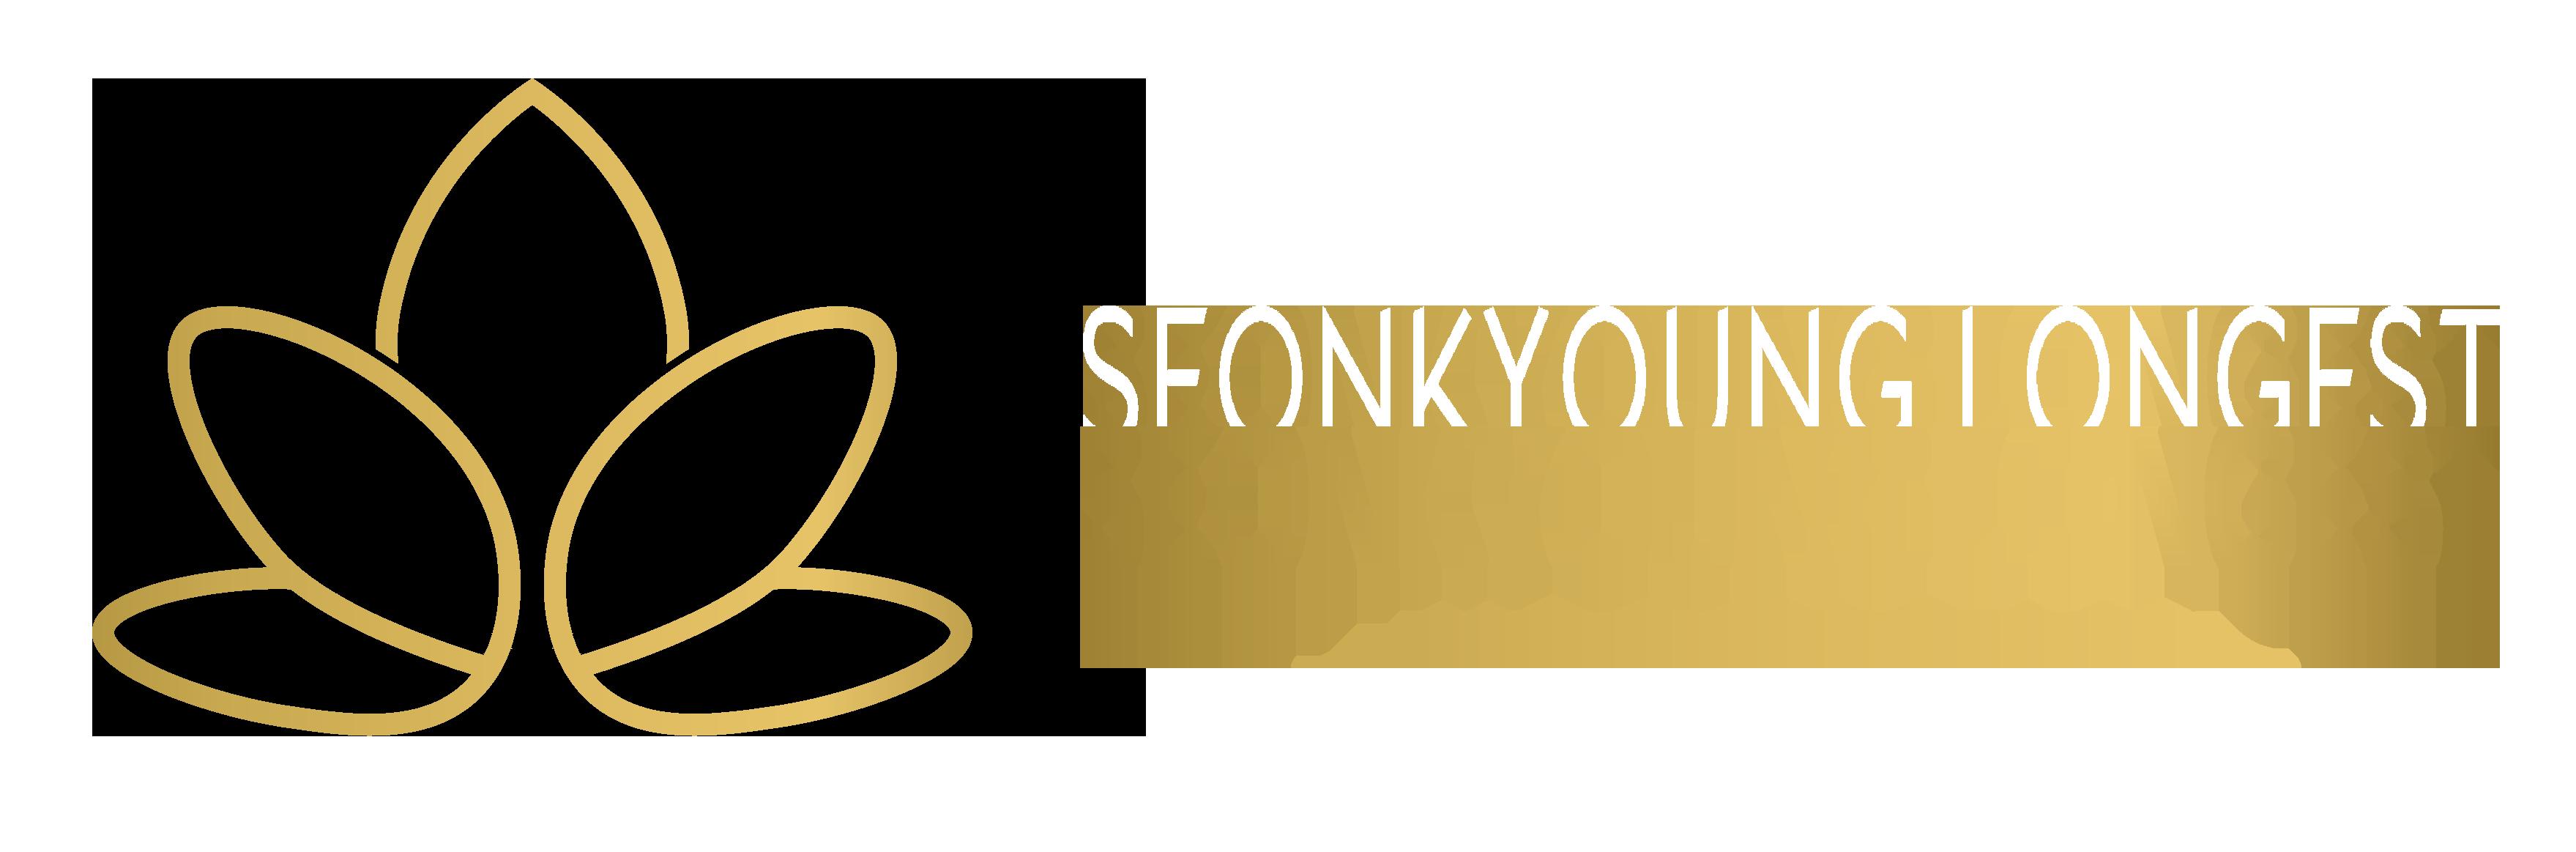 Seonkyoung Longest